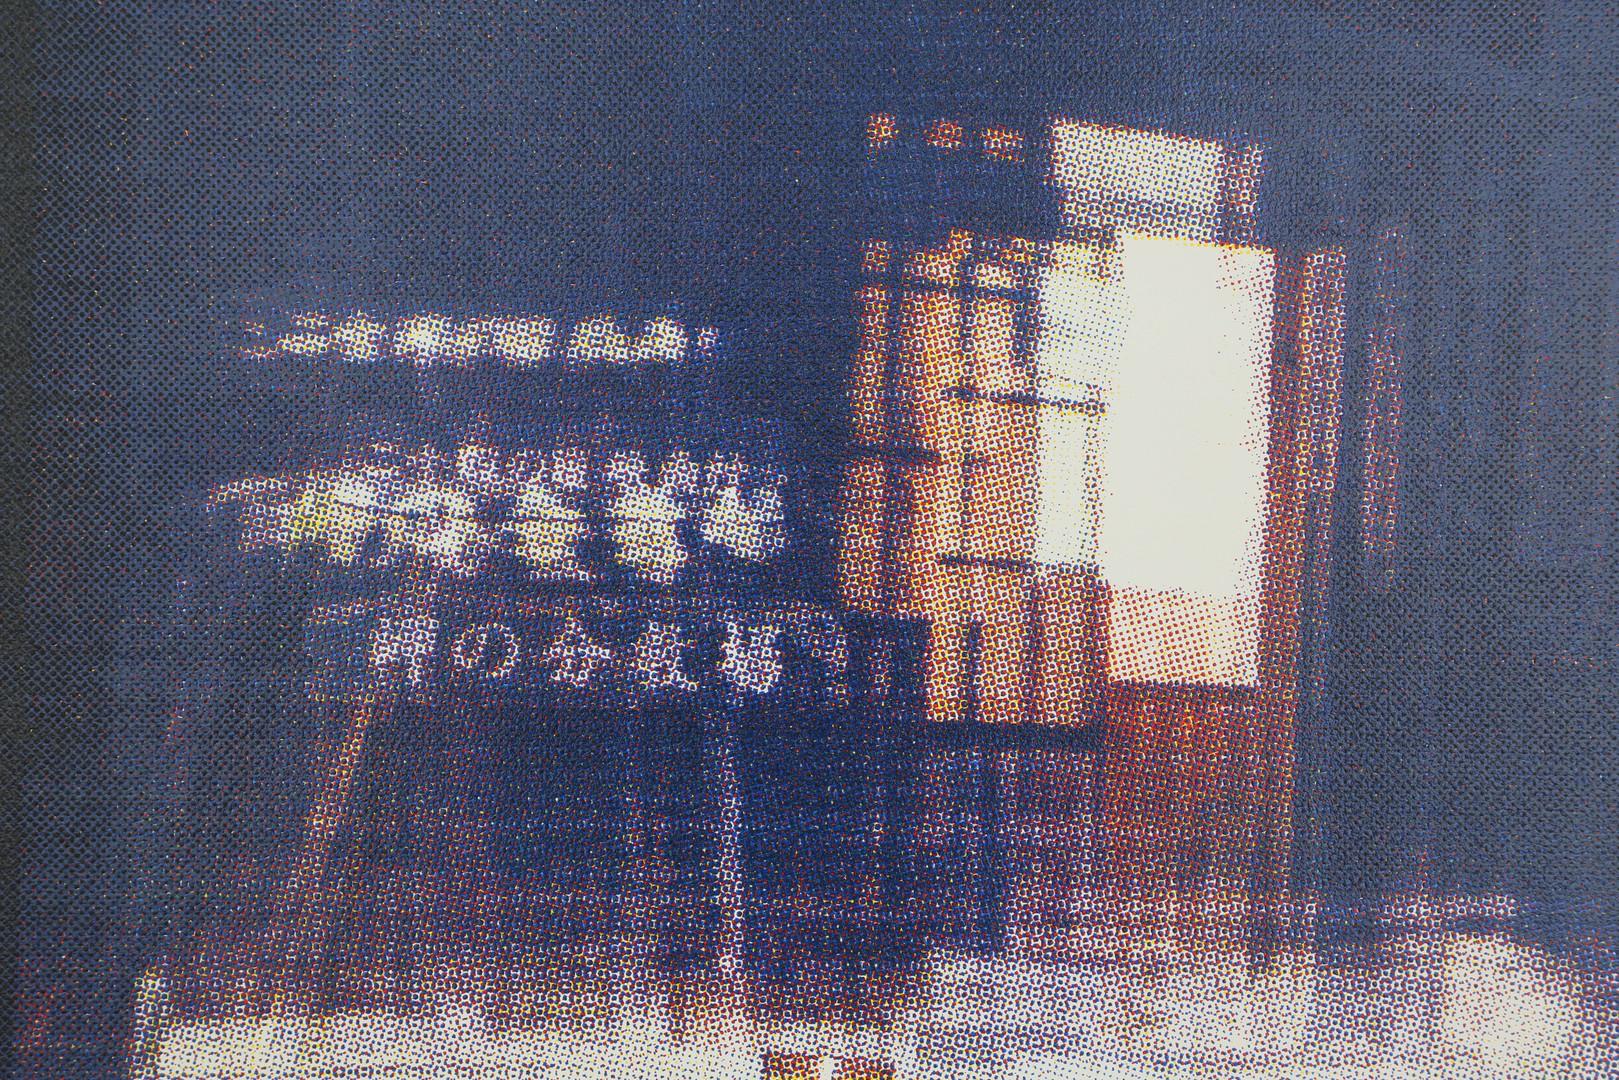 増田 将大 / Masahiro Masuda